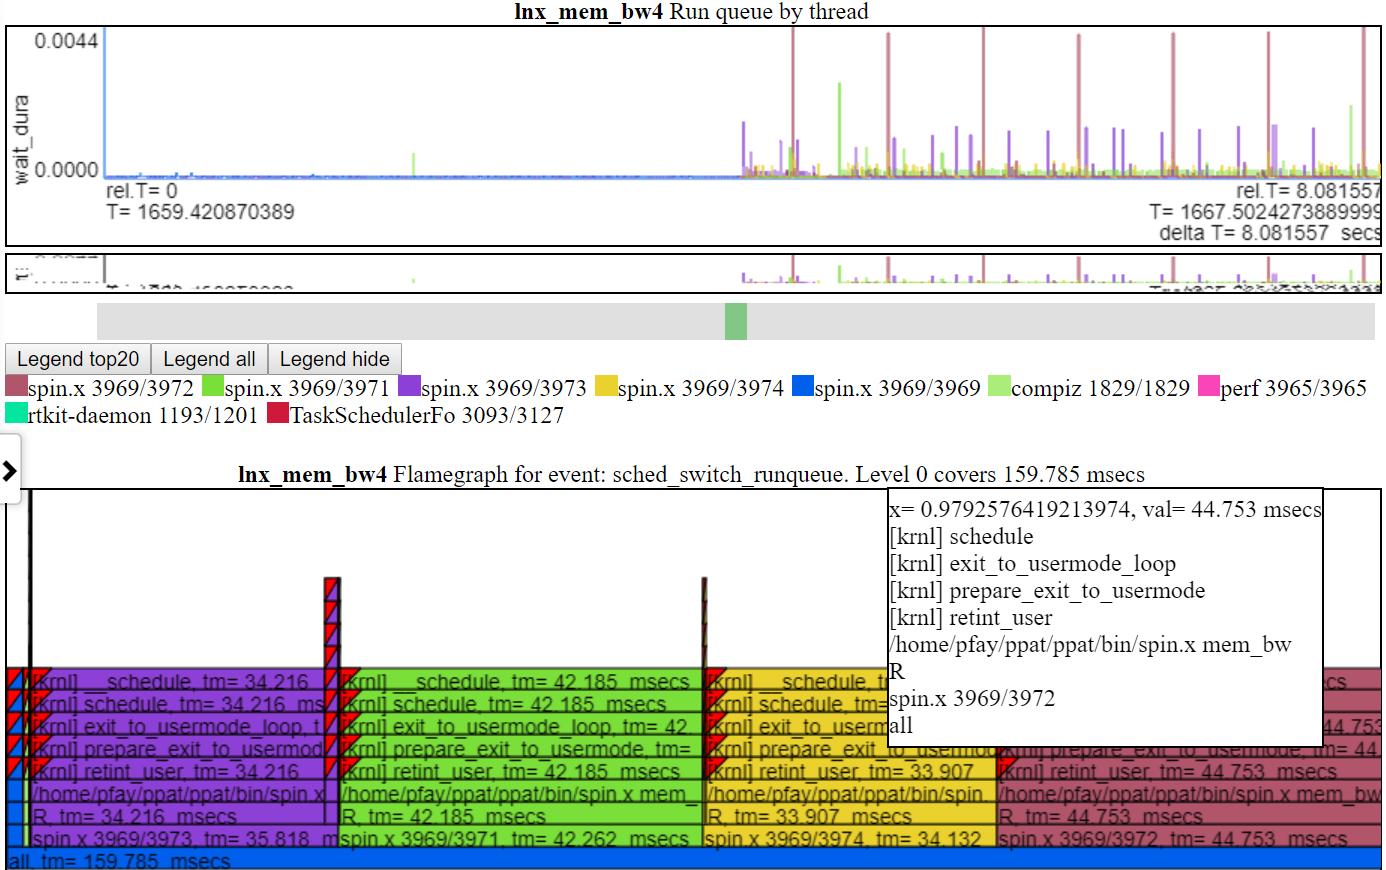 screenshot of a run_queue chart